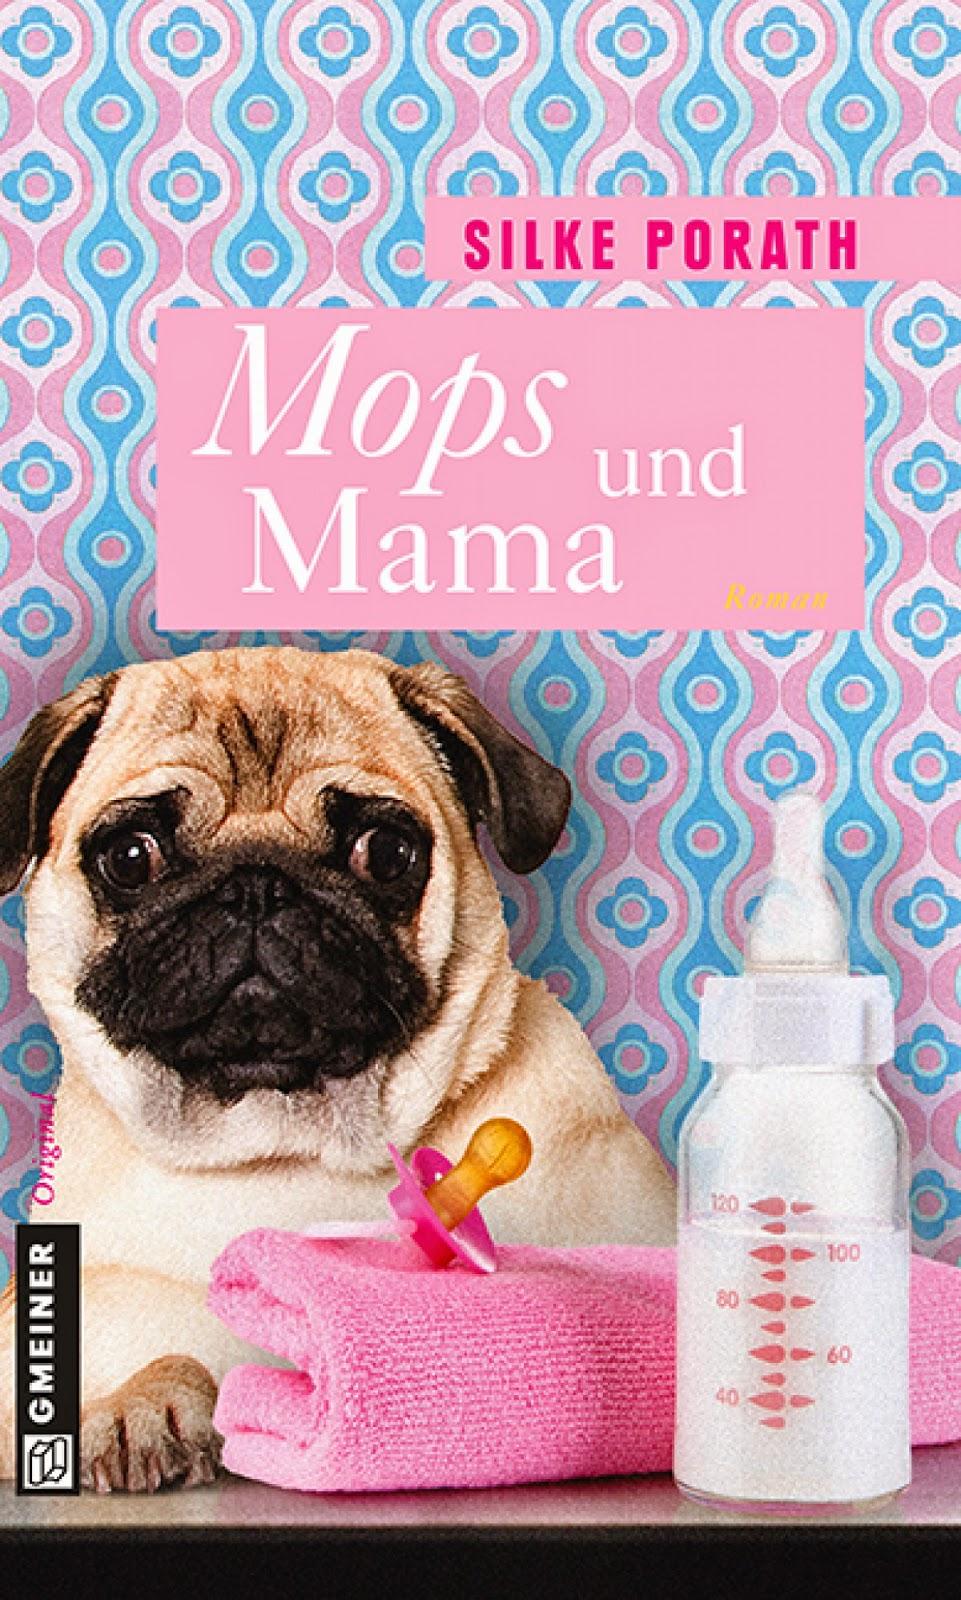 http://www.gmeiner-verlag.de/programm/titel/811-mops-und-mama.html